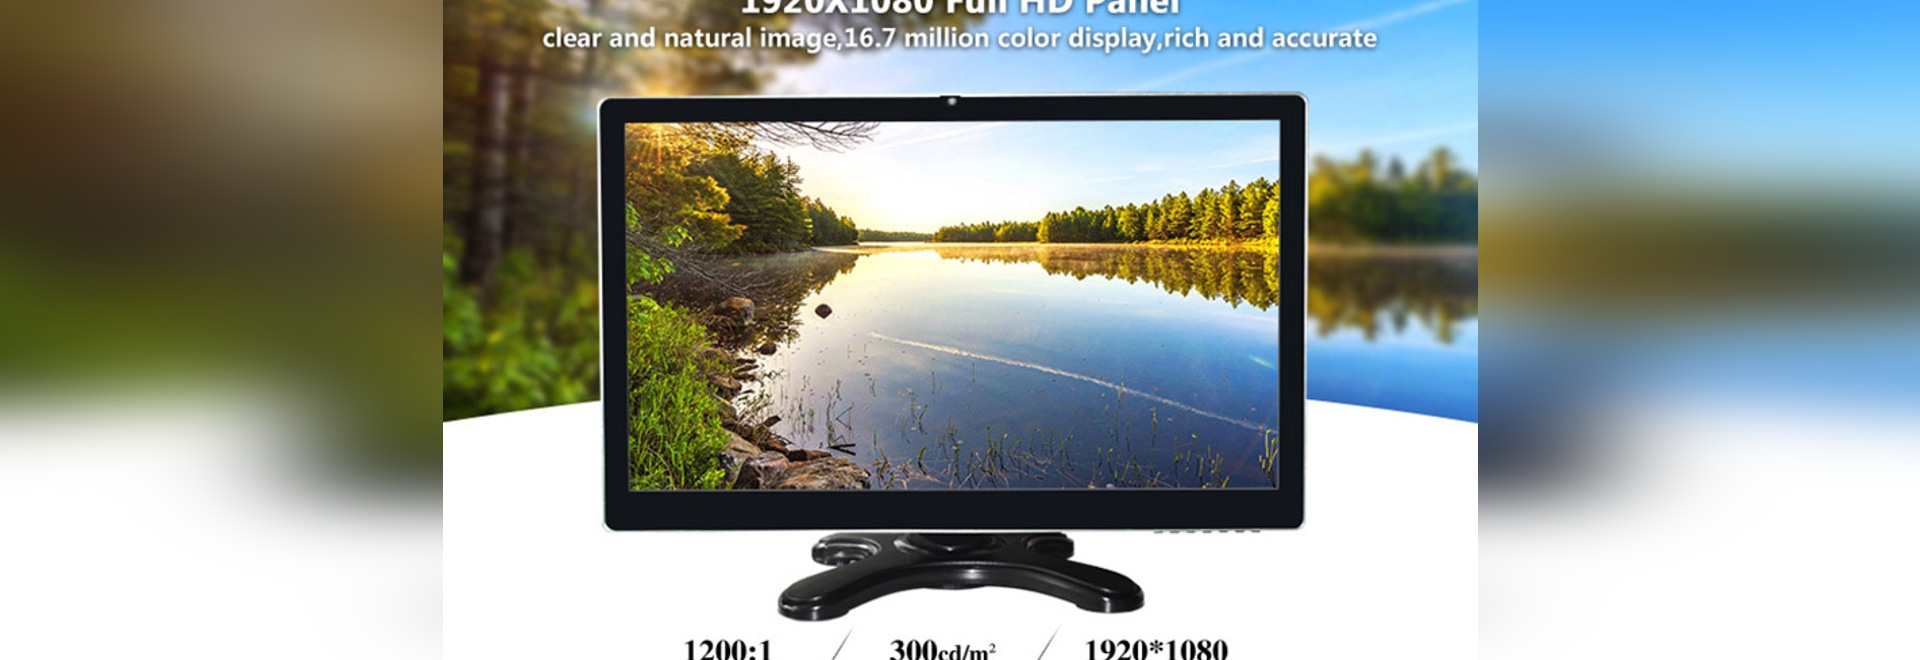 Kann der Monitor so abgespielt werden? Ein Artikel lehrt Sie, einen coolen Multi-Screen-Desktop zu erstellen!